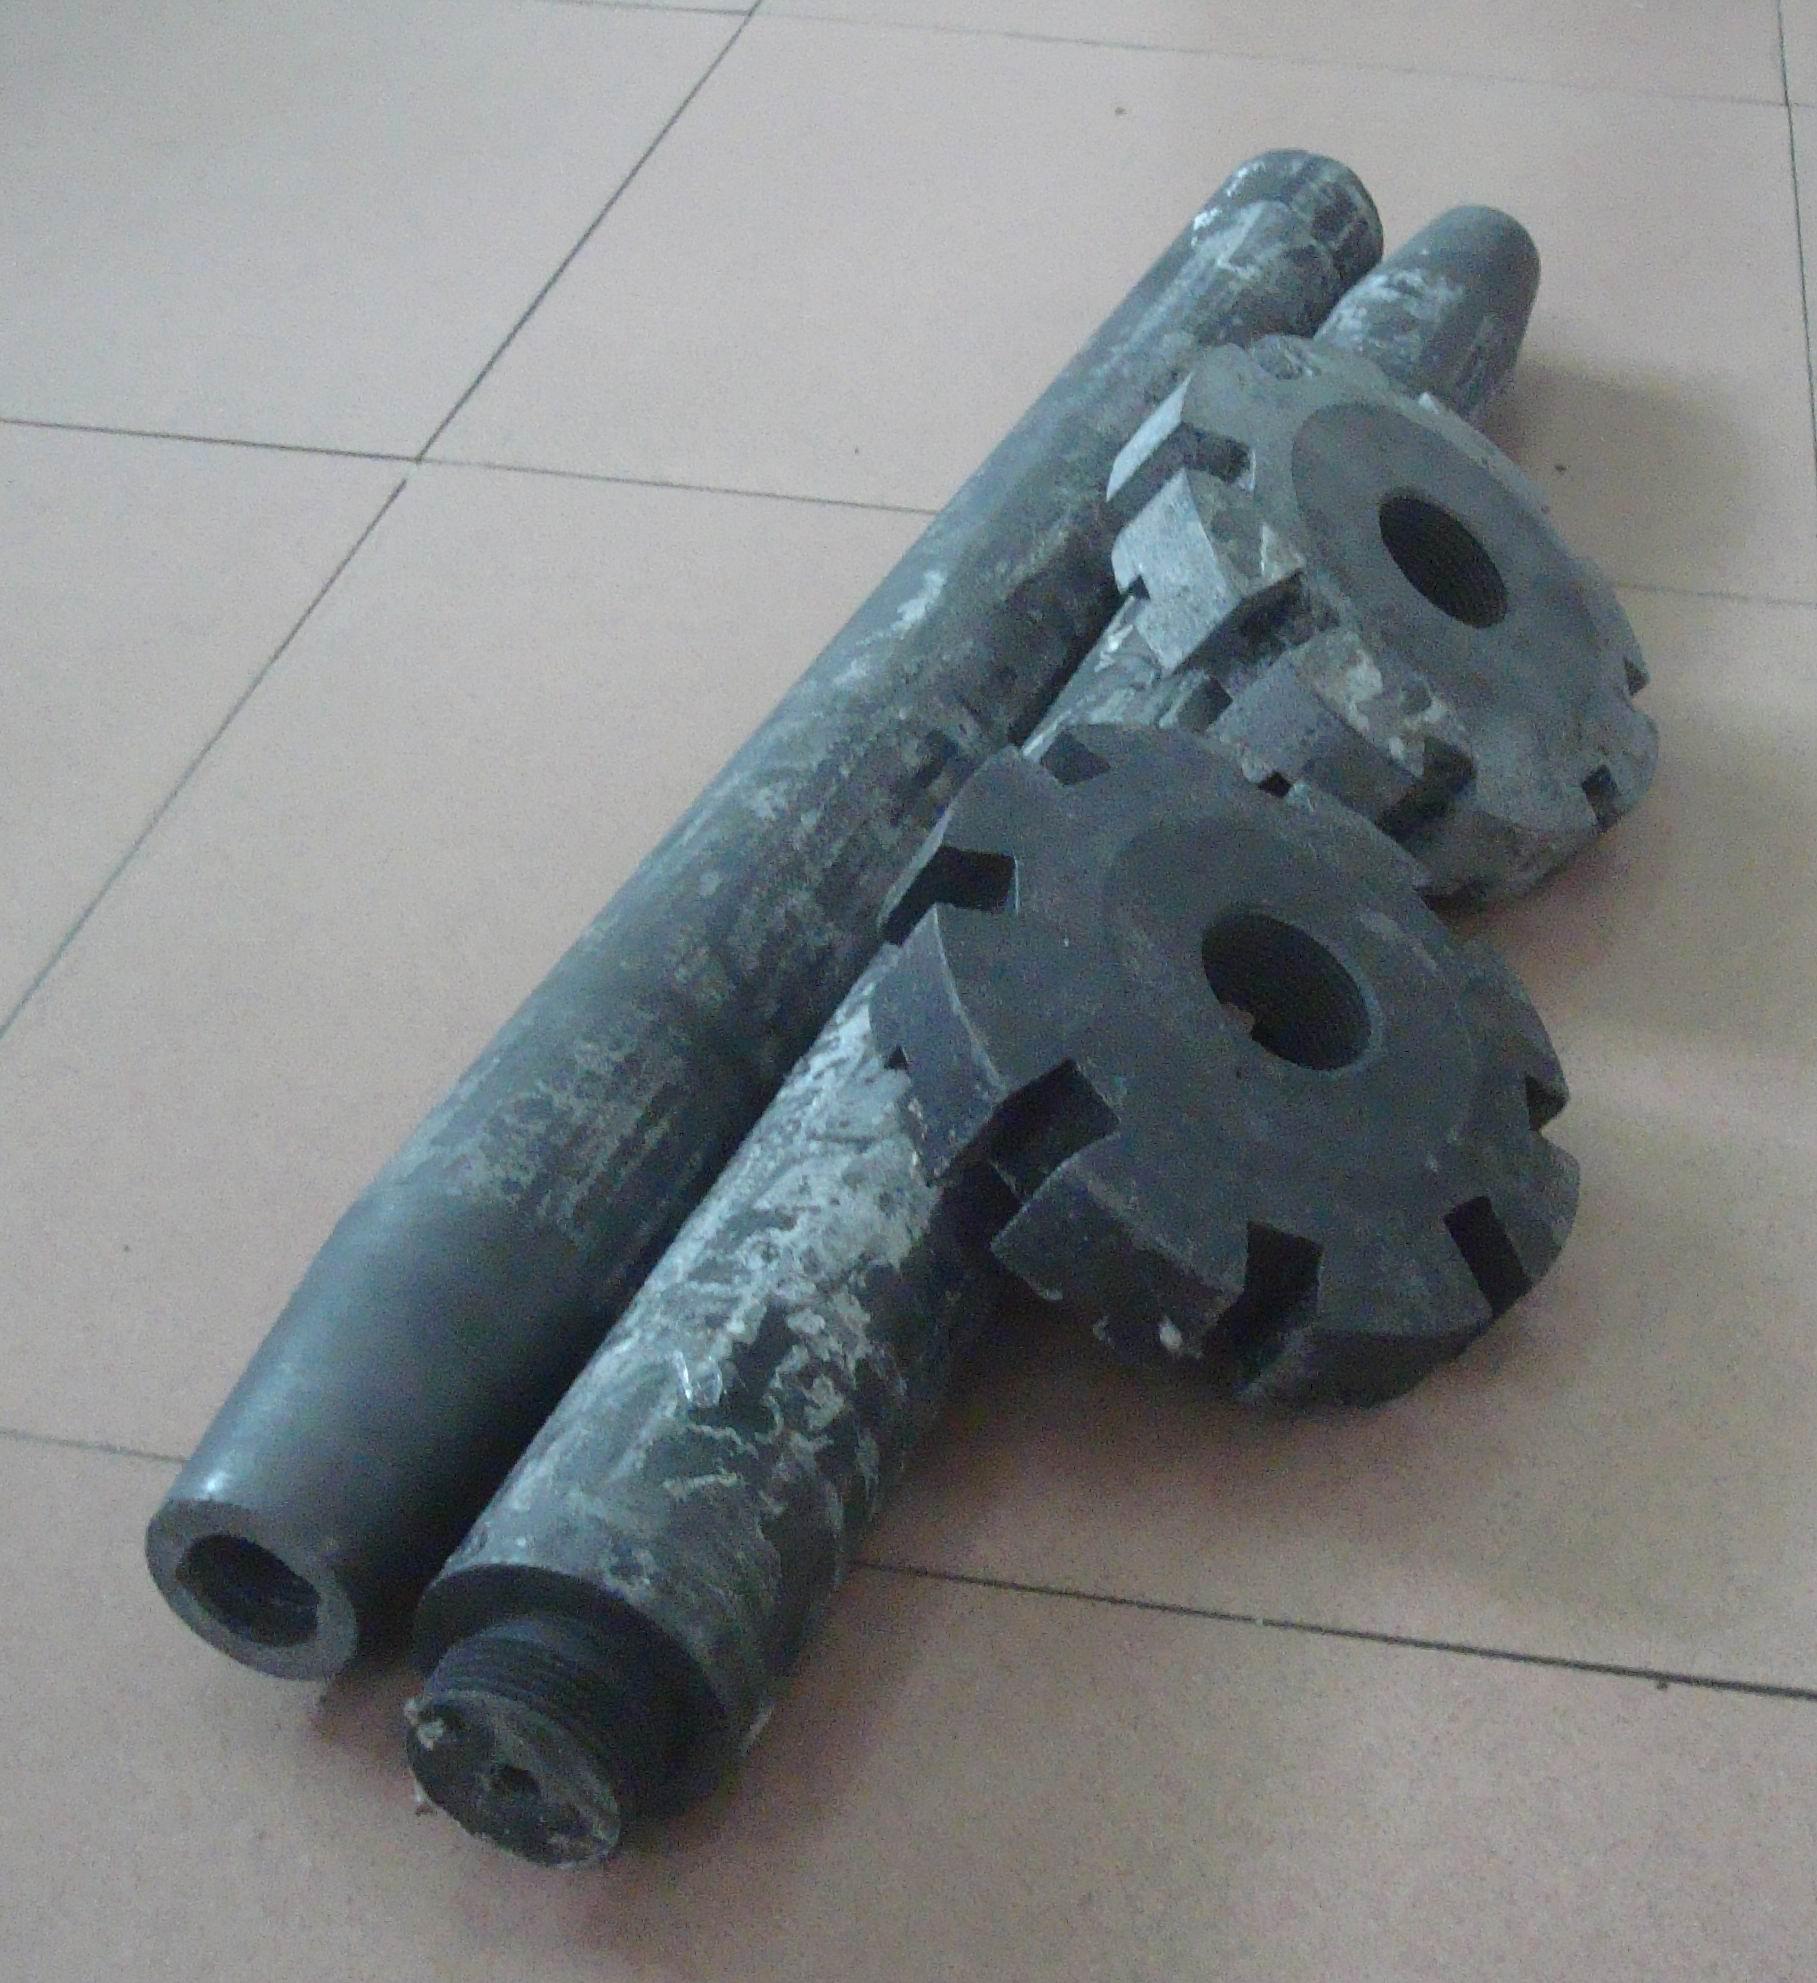 供應批發冶金石墨轉子 抗氧化石墨轉子 溶鋁爐配件石墨轉子